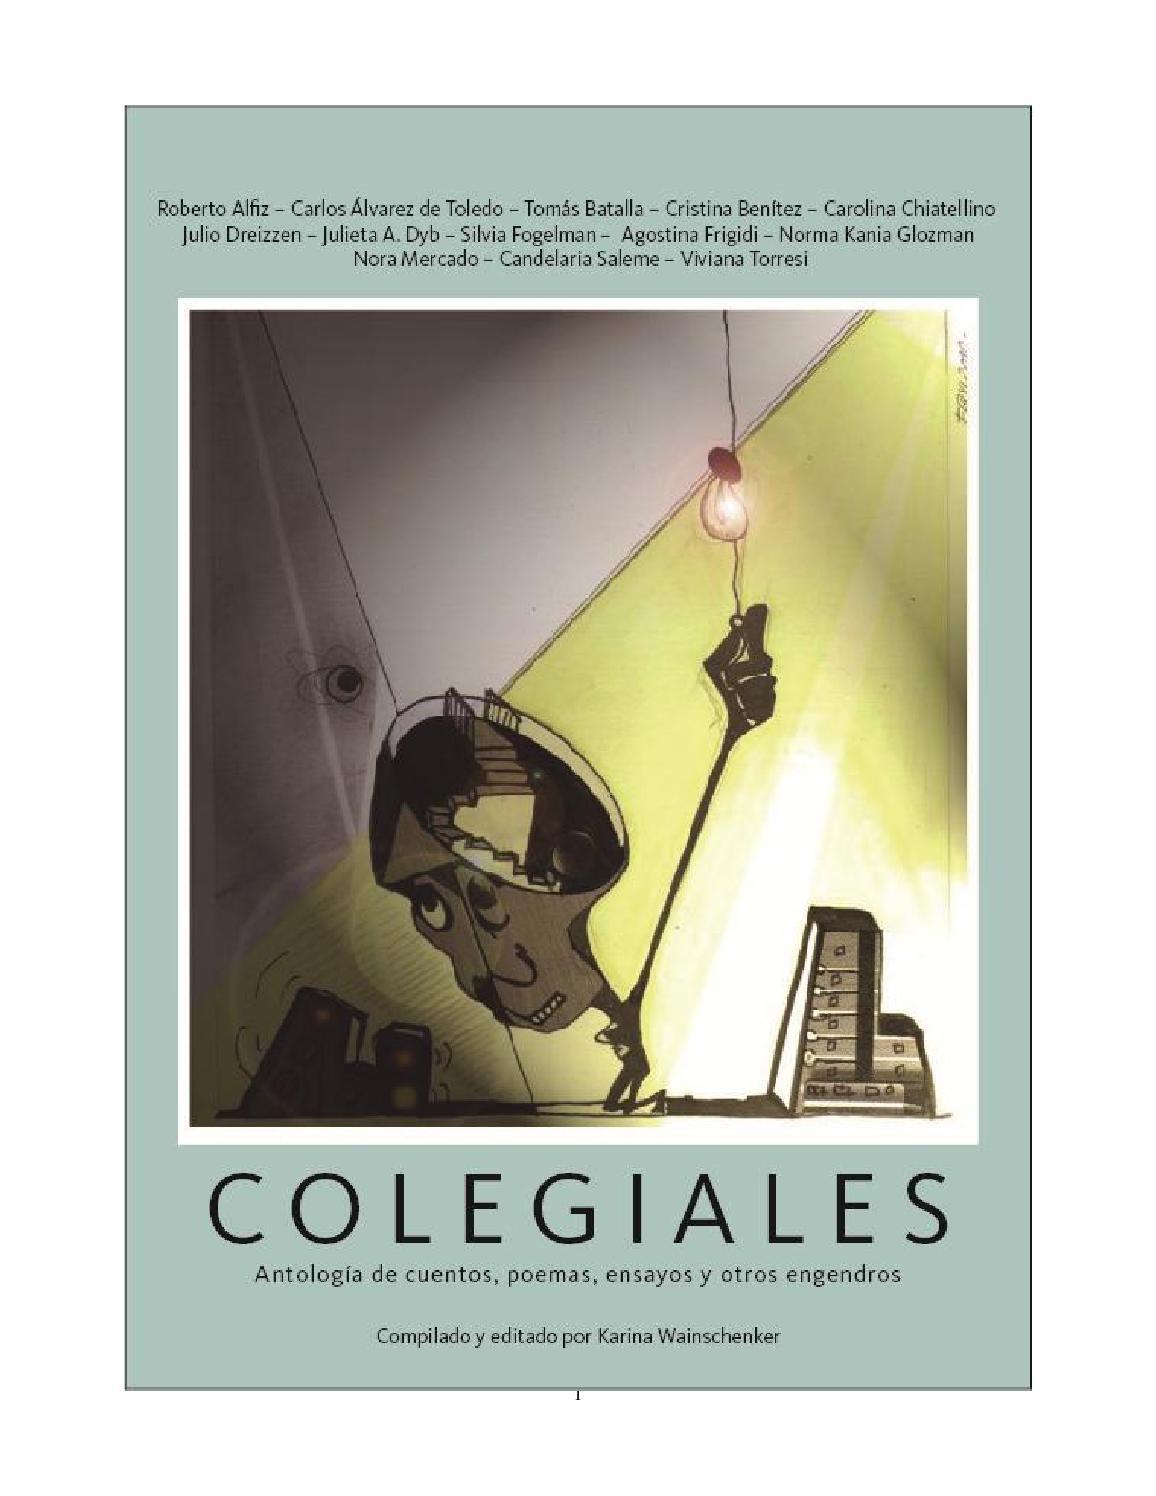 Colegiales. Antología de cuentos 7ef4616838f